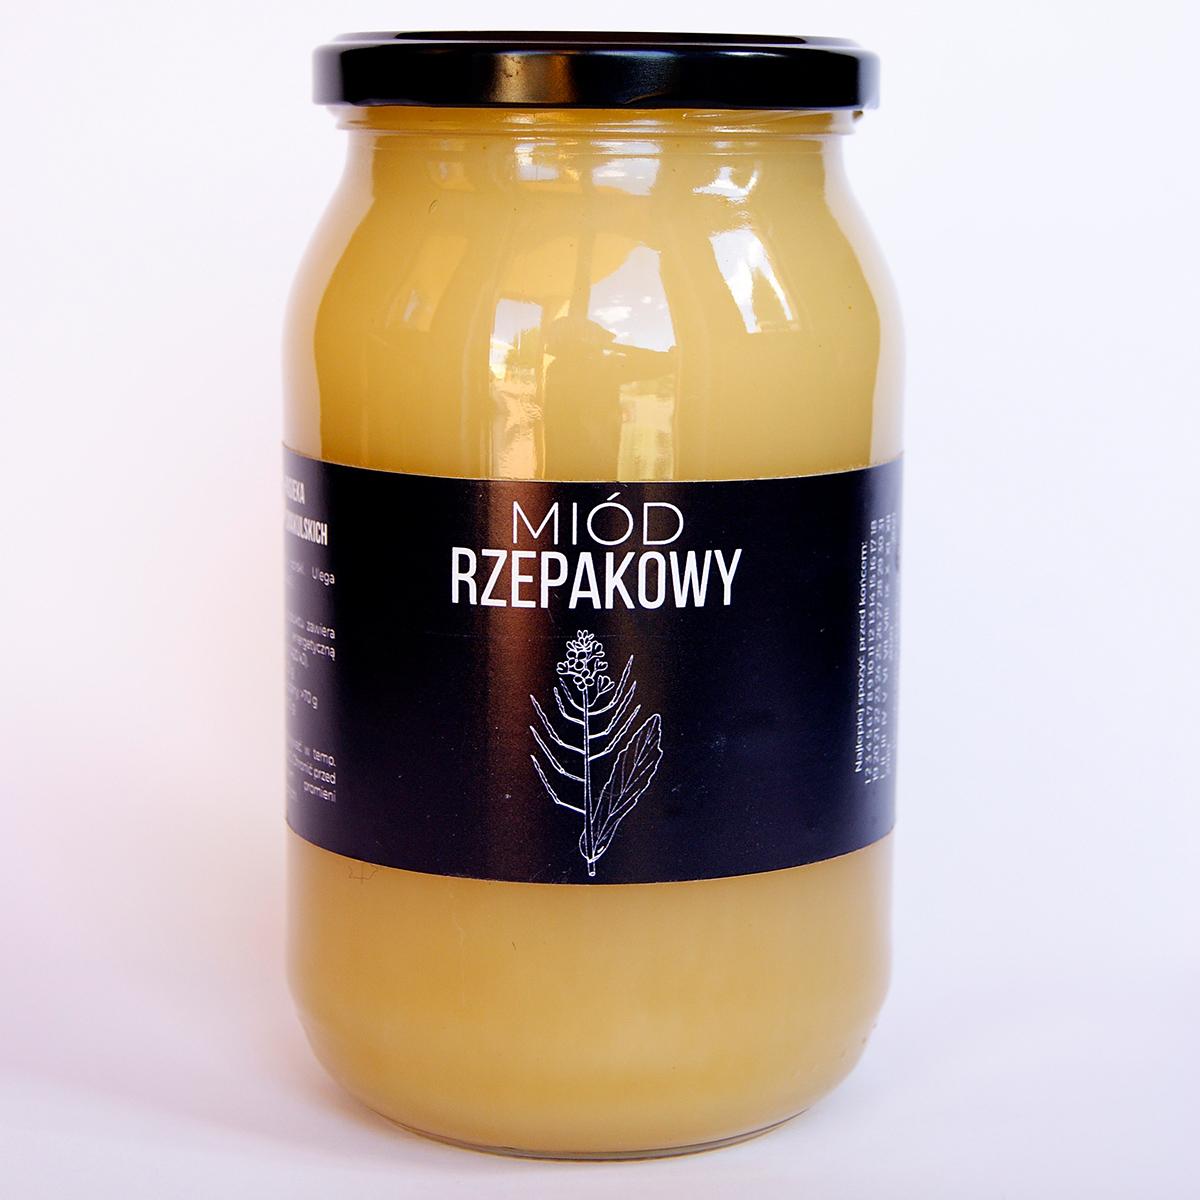 Produkt: miód rzepakowy duży - sklep pasiekasmakulskich.pl